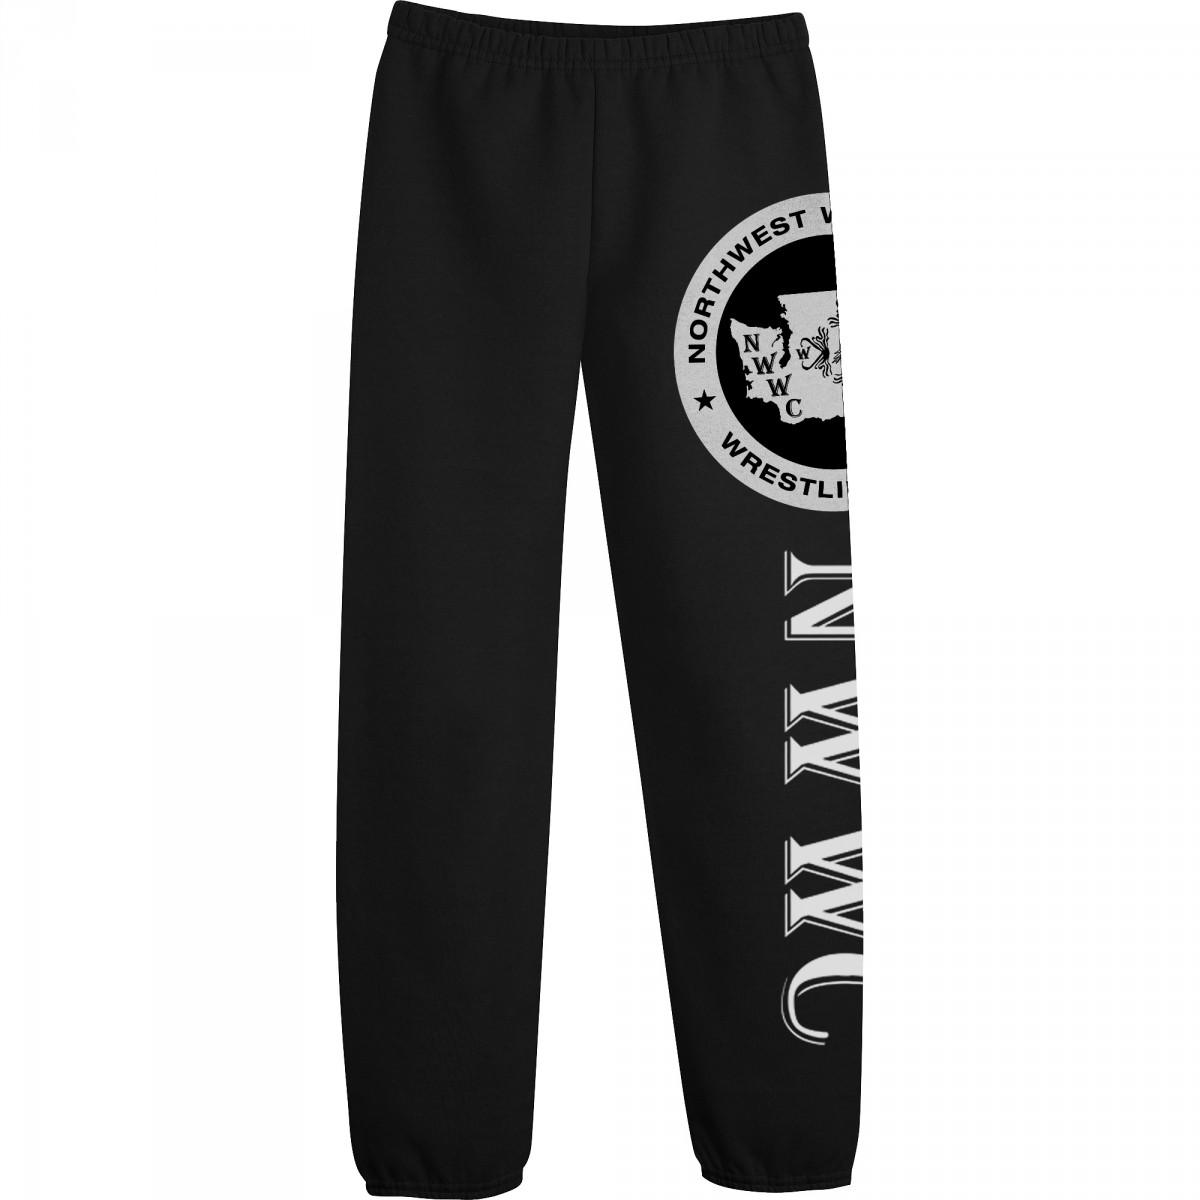 NWWC Black Sweatpants White Logo-Black-XL